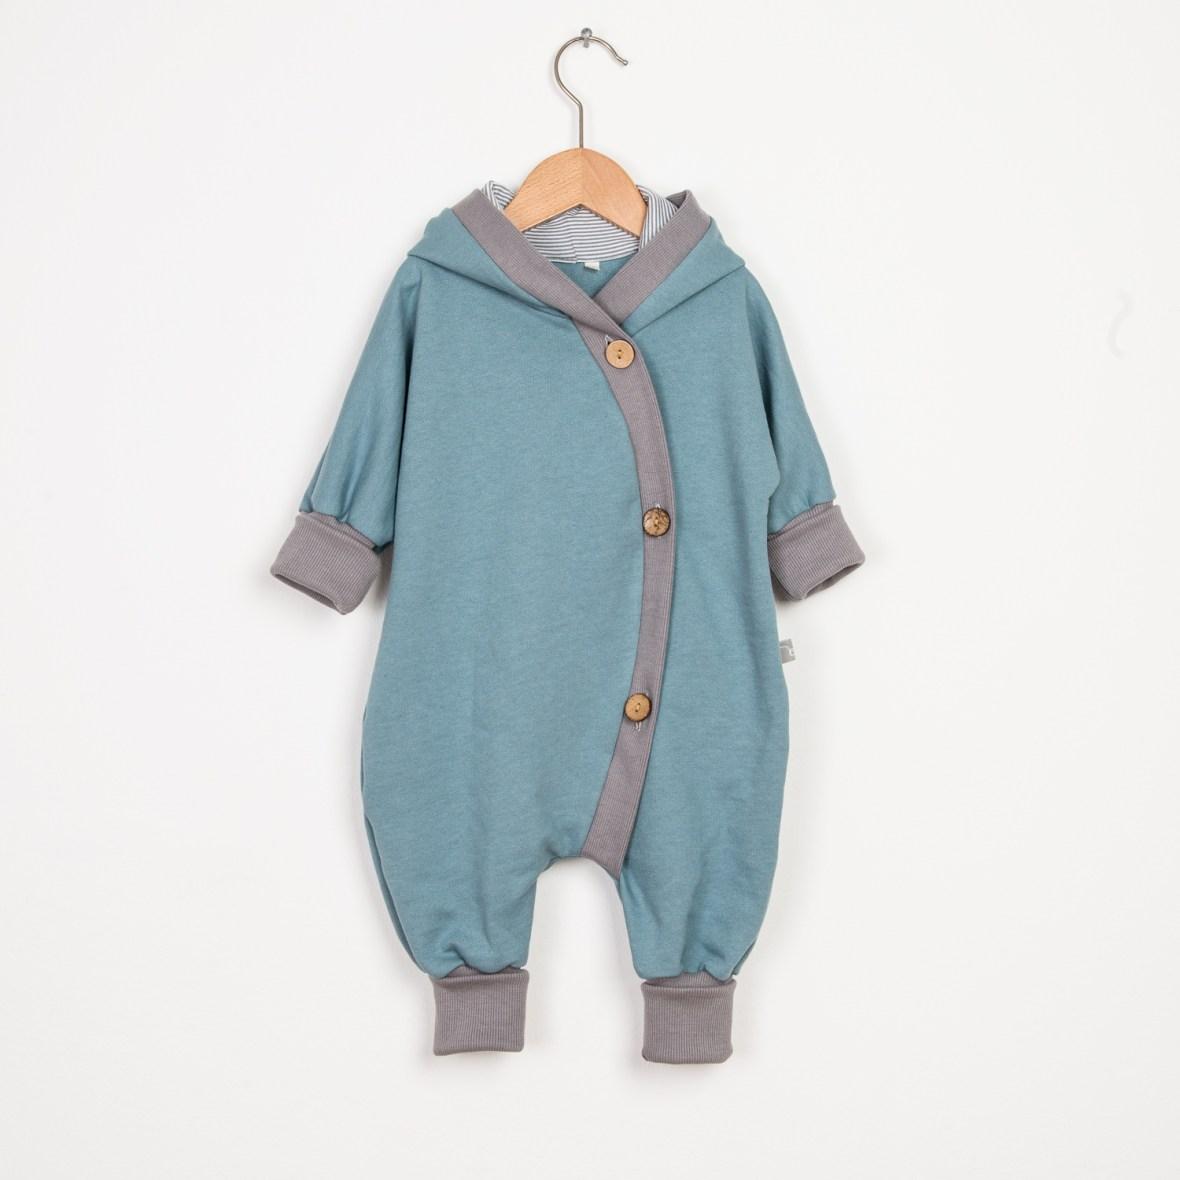 Herbst-Outfits-für-Kids-Kuschelanzug